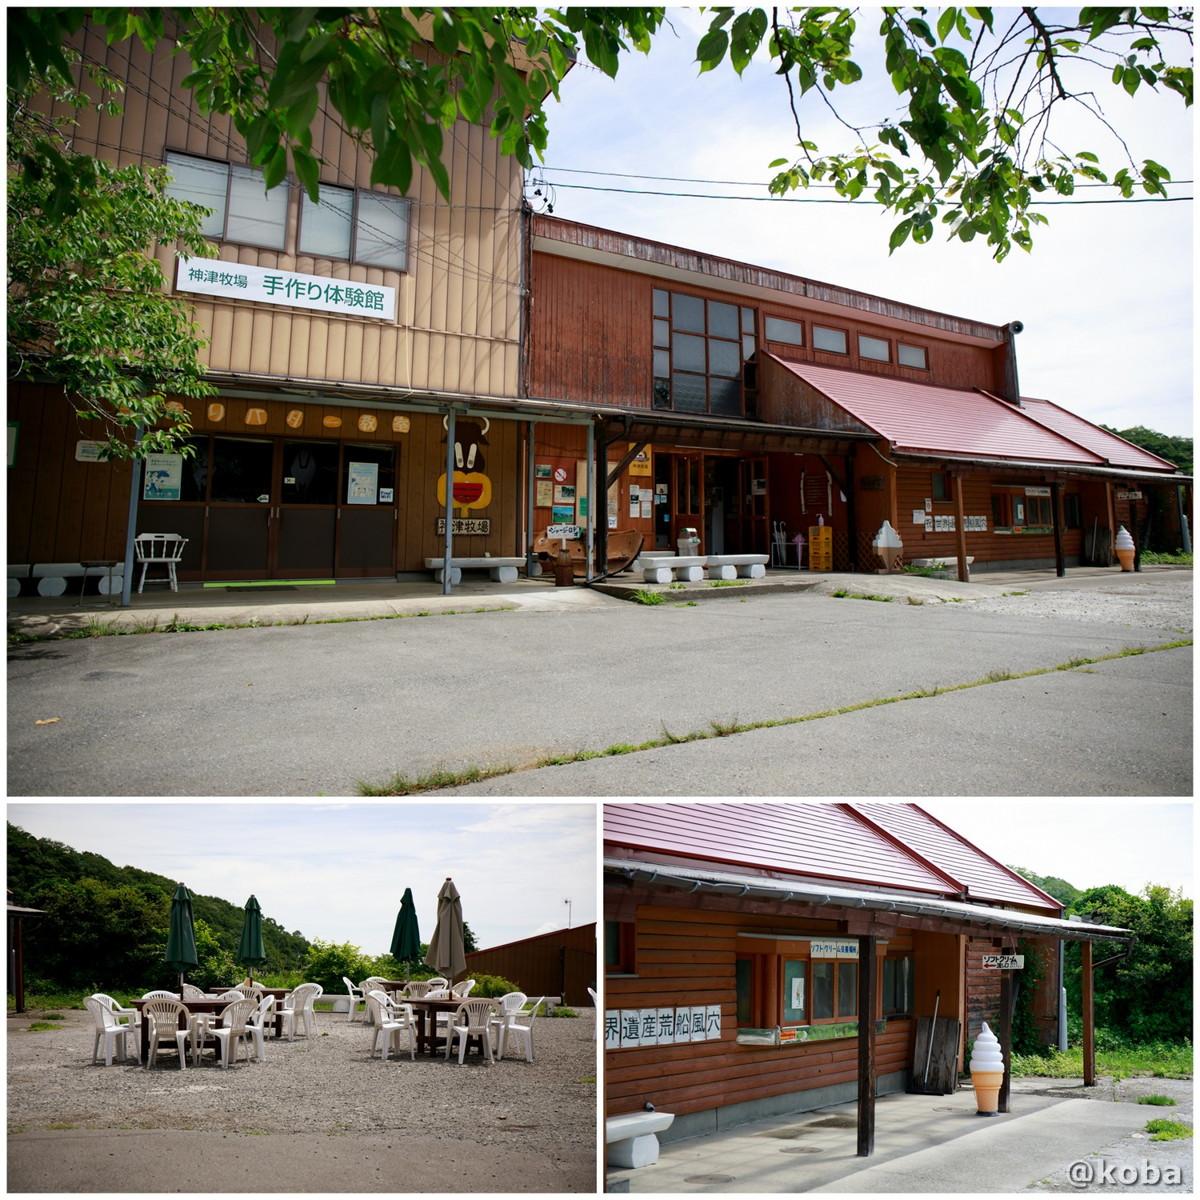 売店の写真 神津牧場(こうづぼくじょう)群馬県